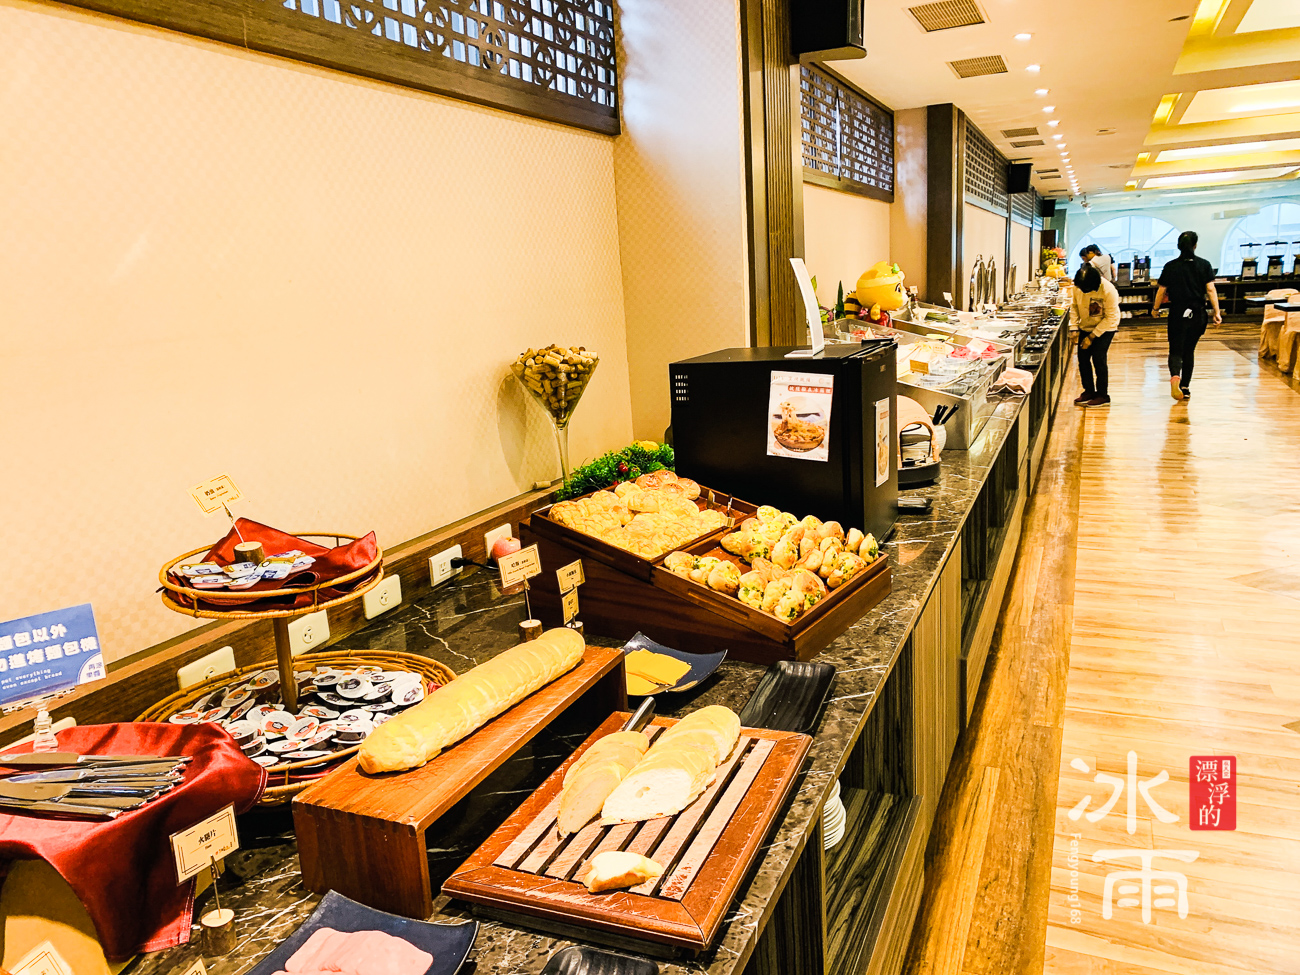 川湯春天溫泉飯店德陽館|早餐|供餐檯